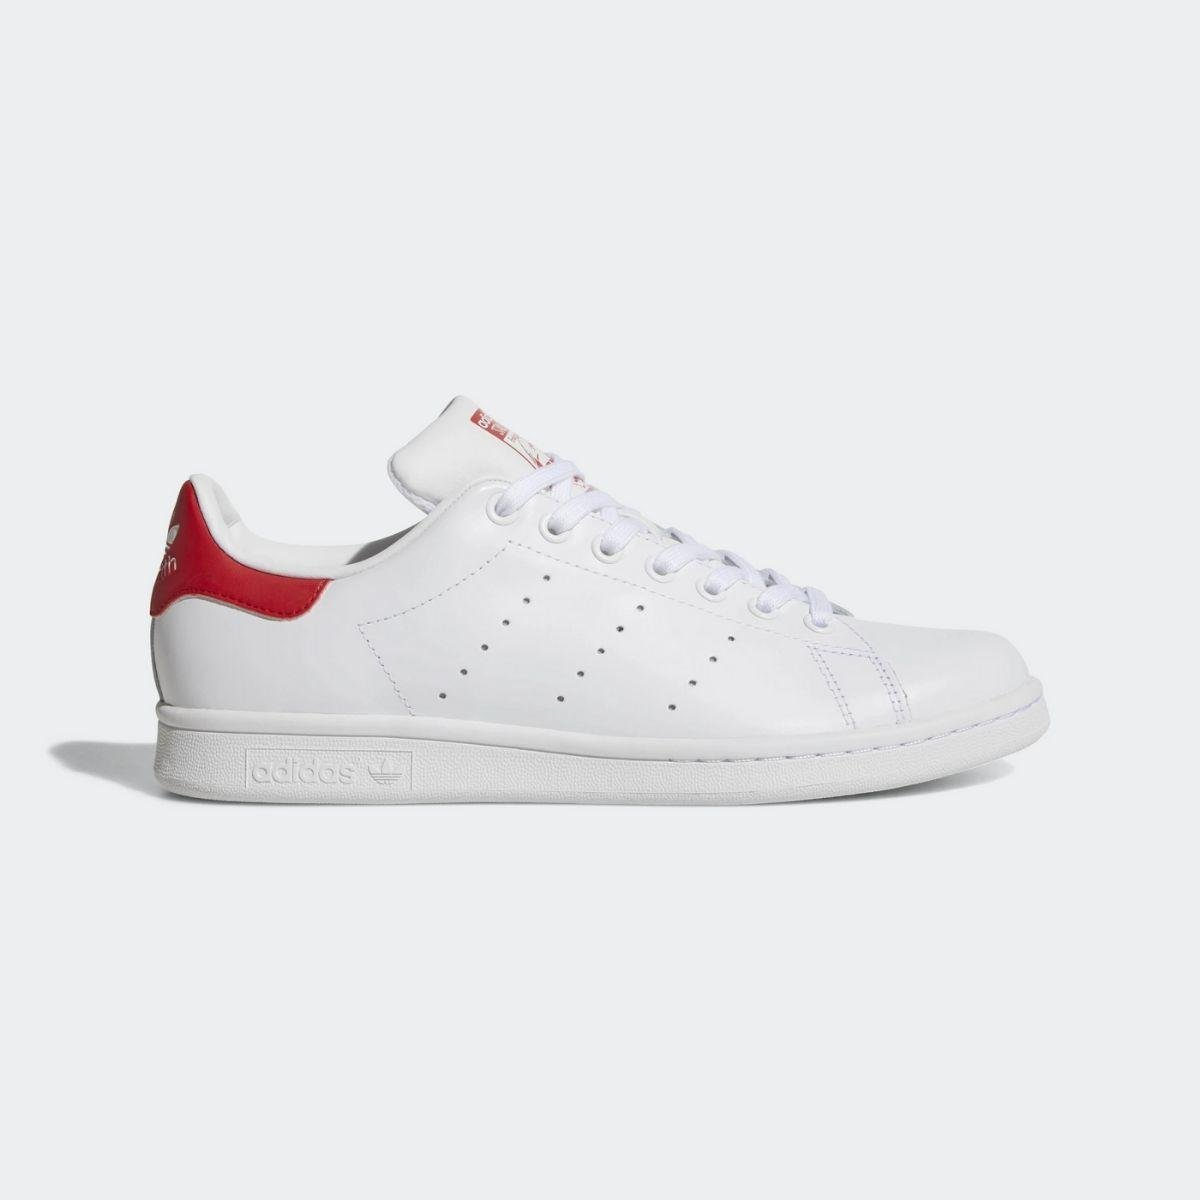 adidas stan smith bianco rosso